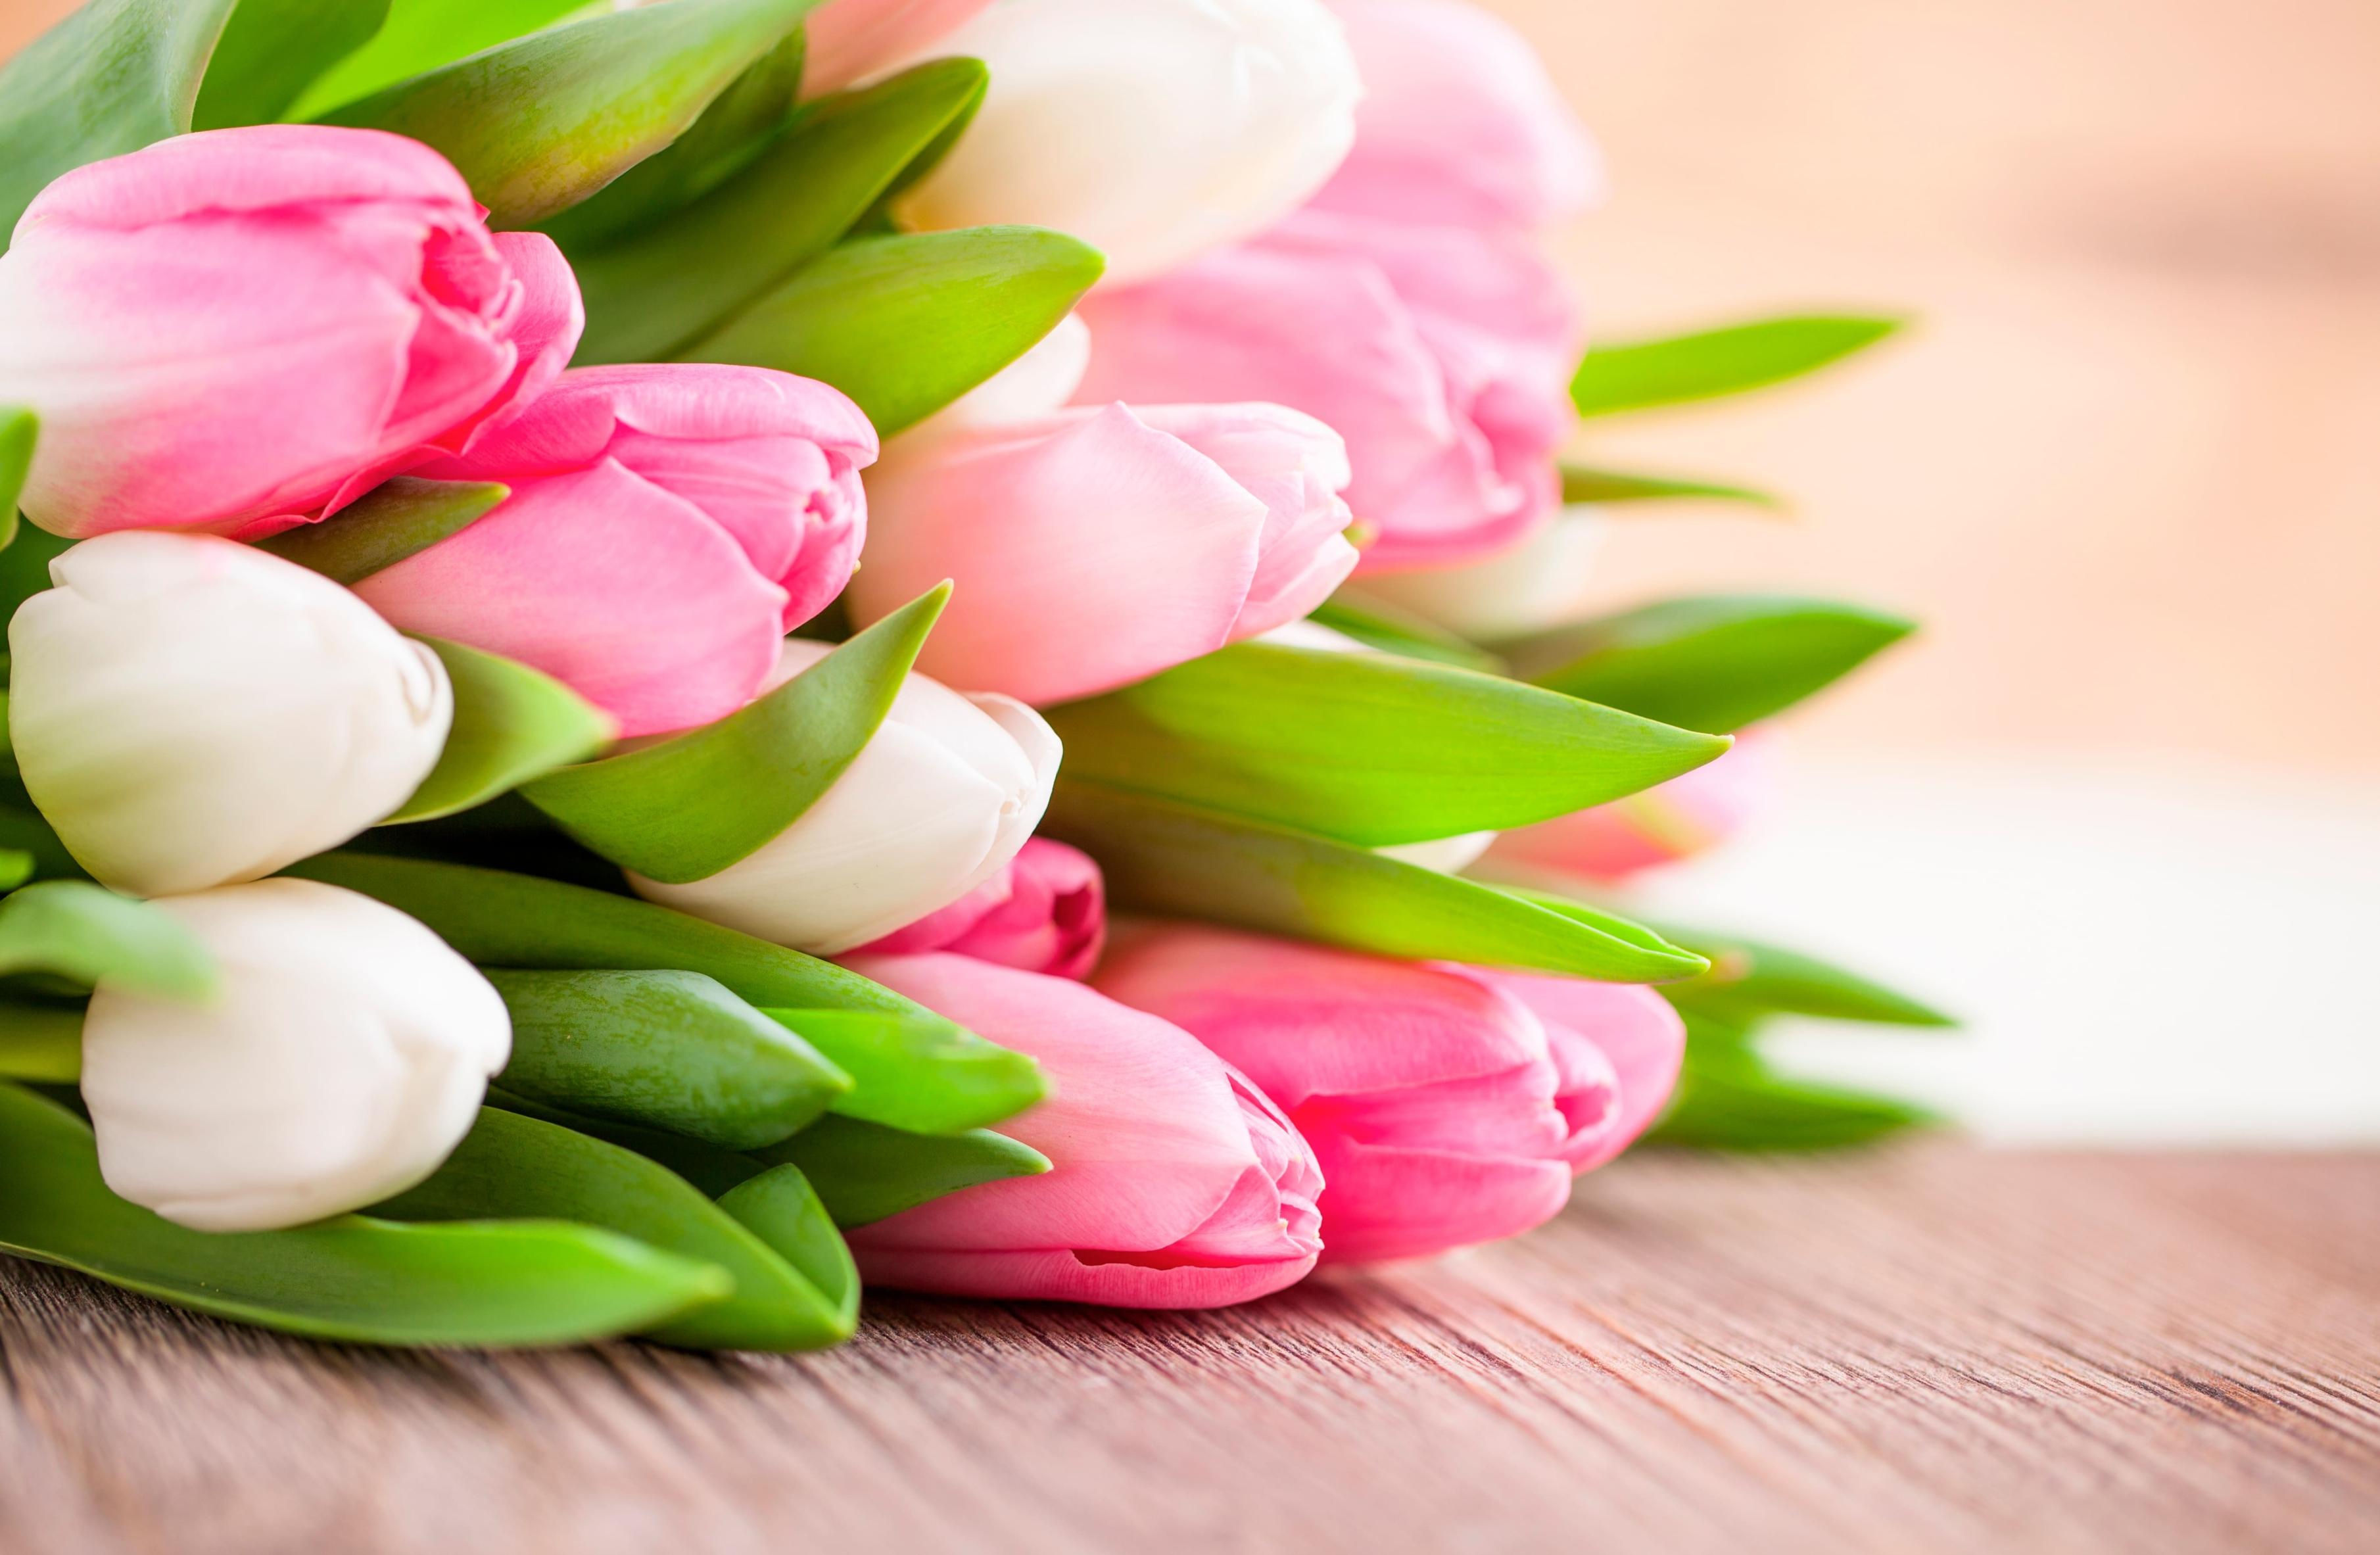 tulip-photo-11